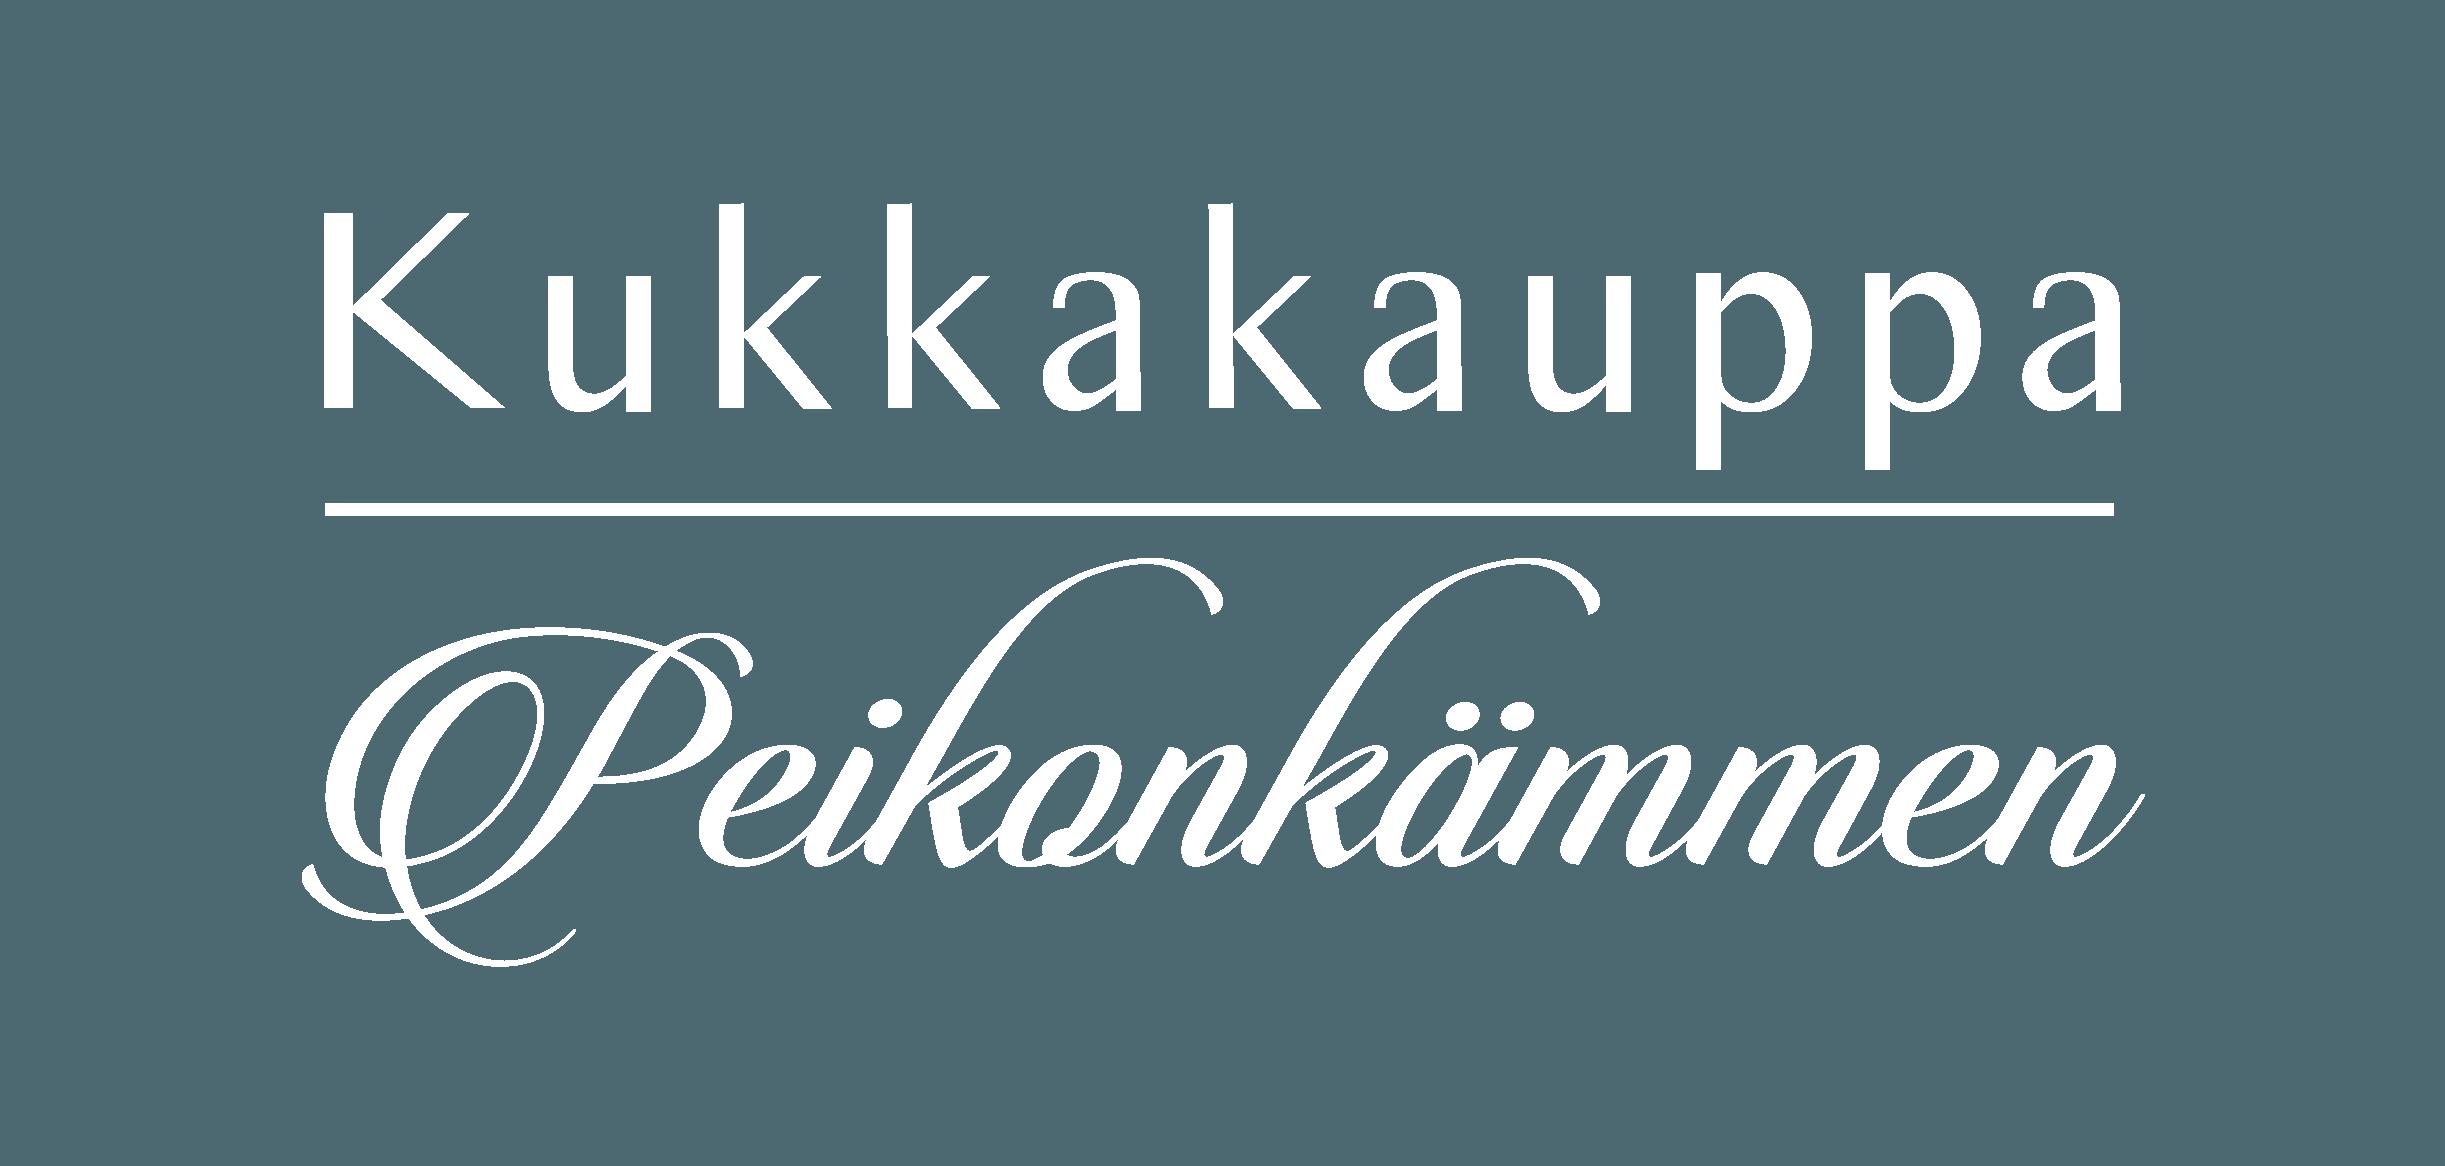 Kukkakauppa Peikonkämmen